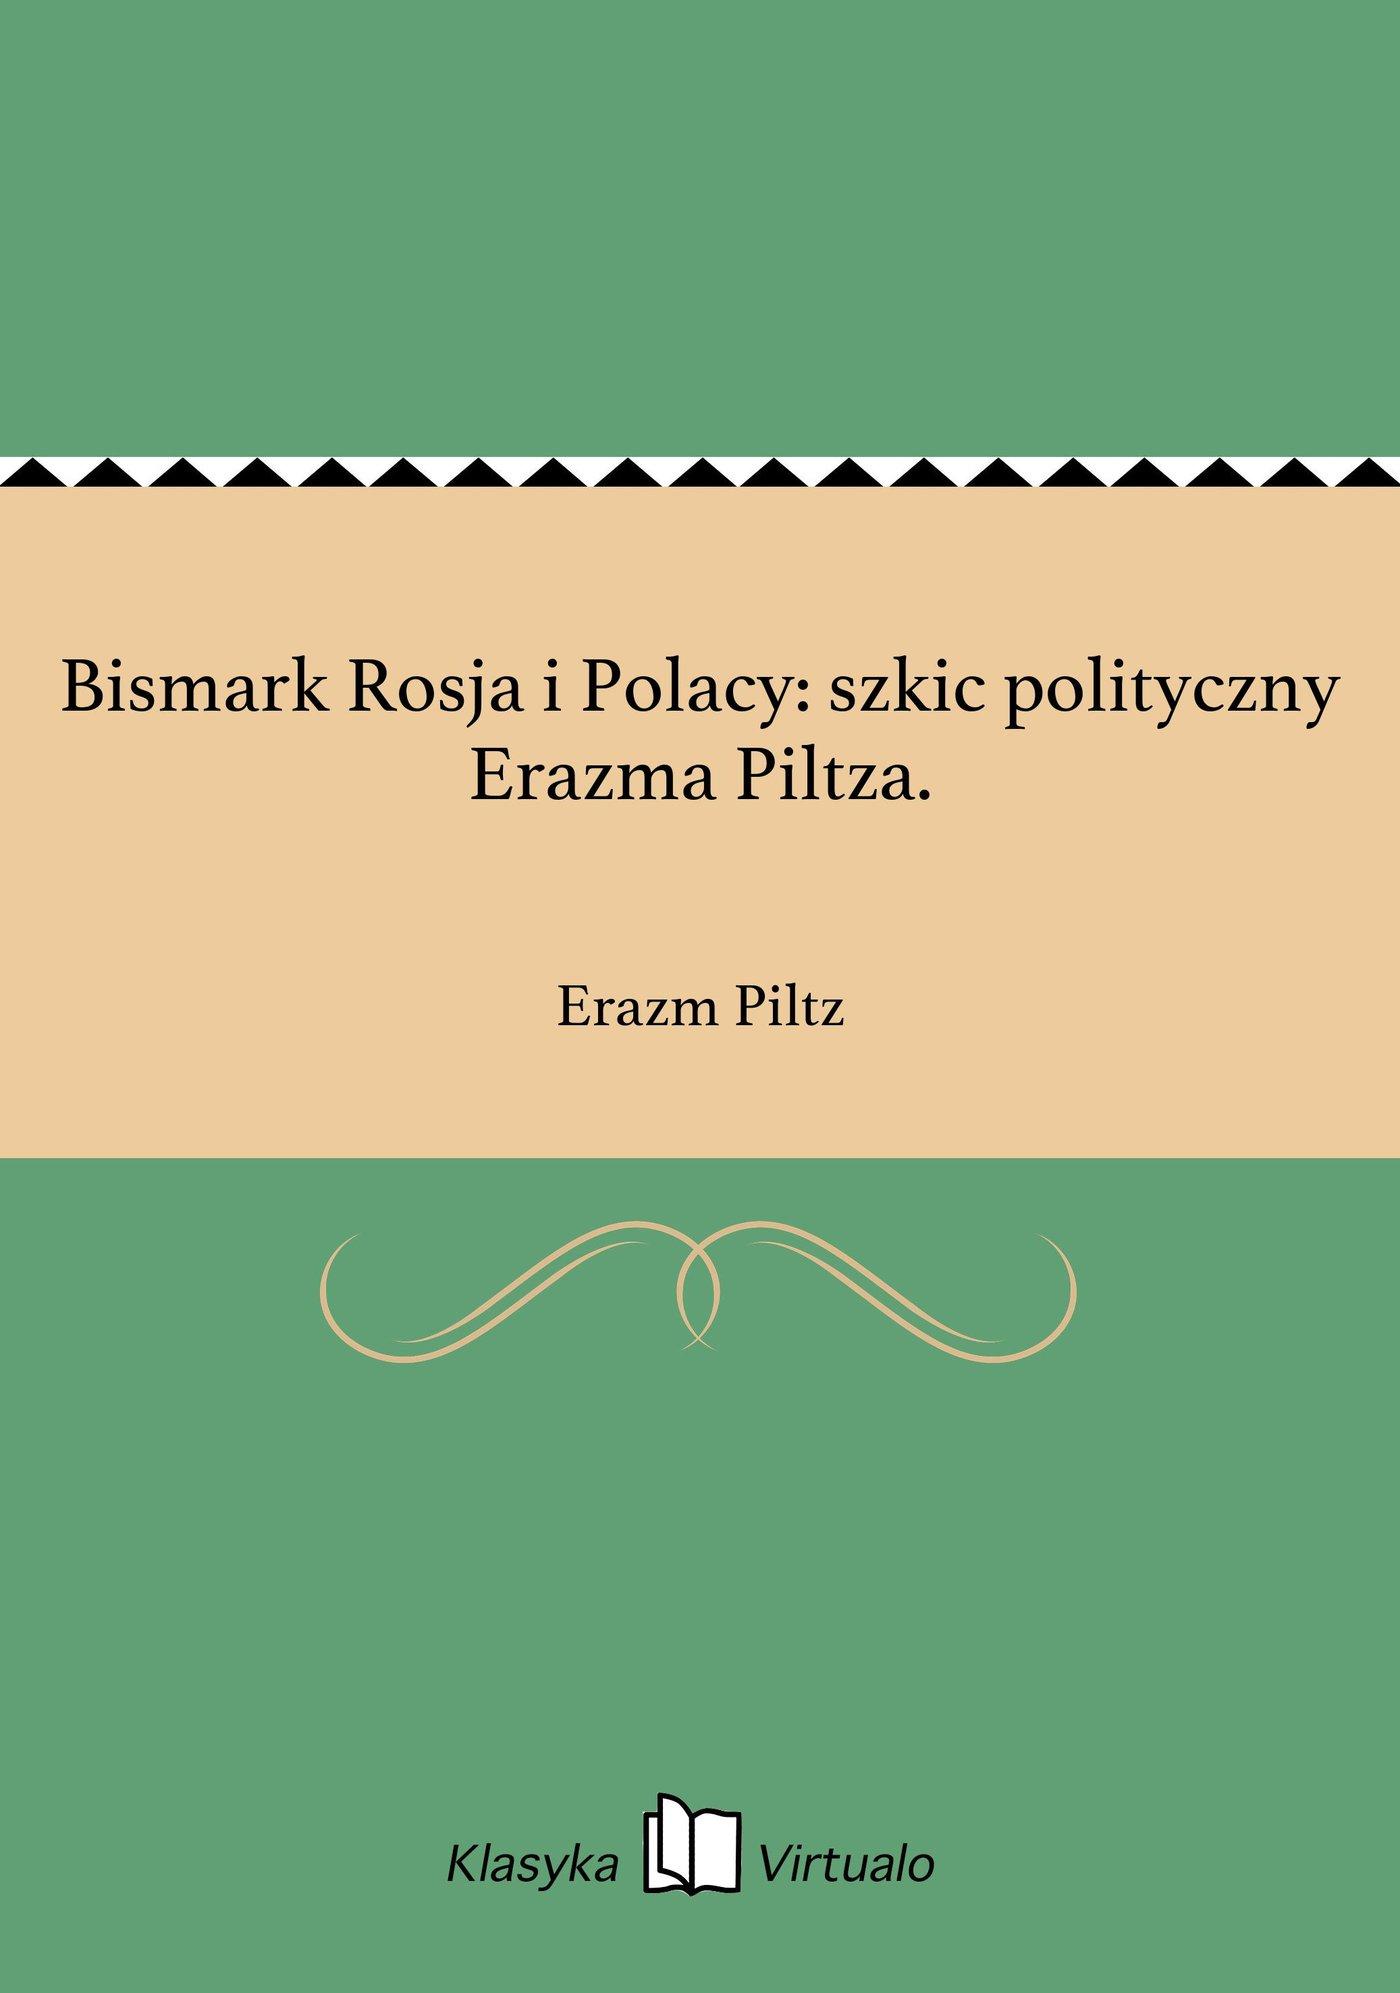 Bismark Rosja i Polacy: szkic polityczny Erazma Piltza. - Ebook (Książka EPUB) do pobrania w formacie EPUB